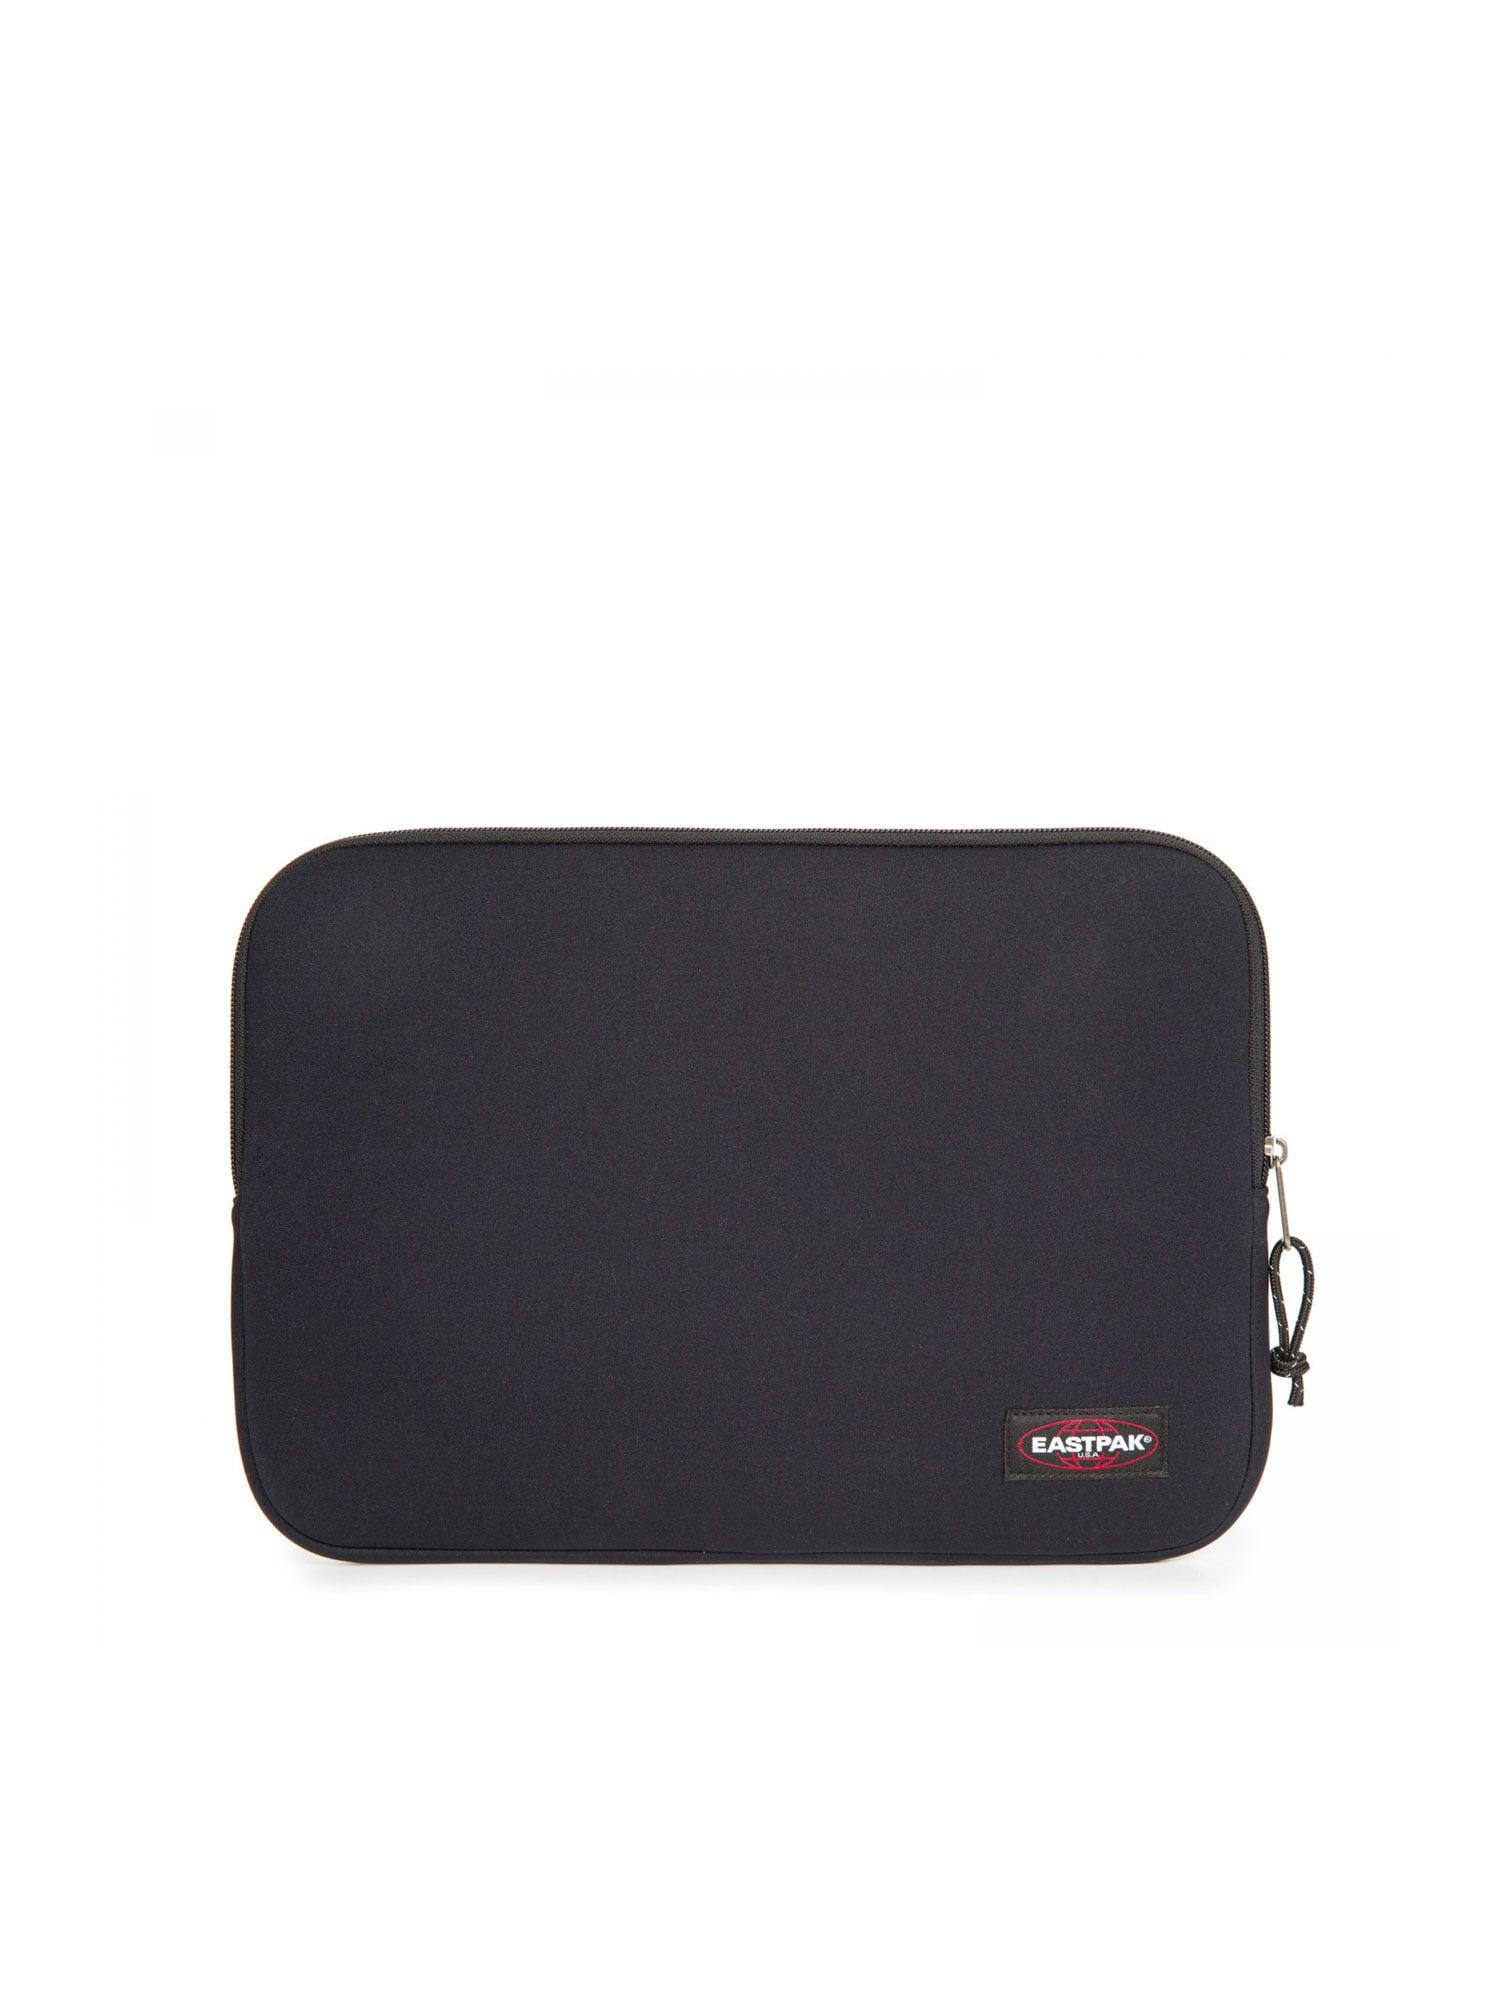 EASTPAK Nešiojamo kompiuterio krepšys juoda